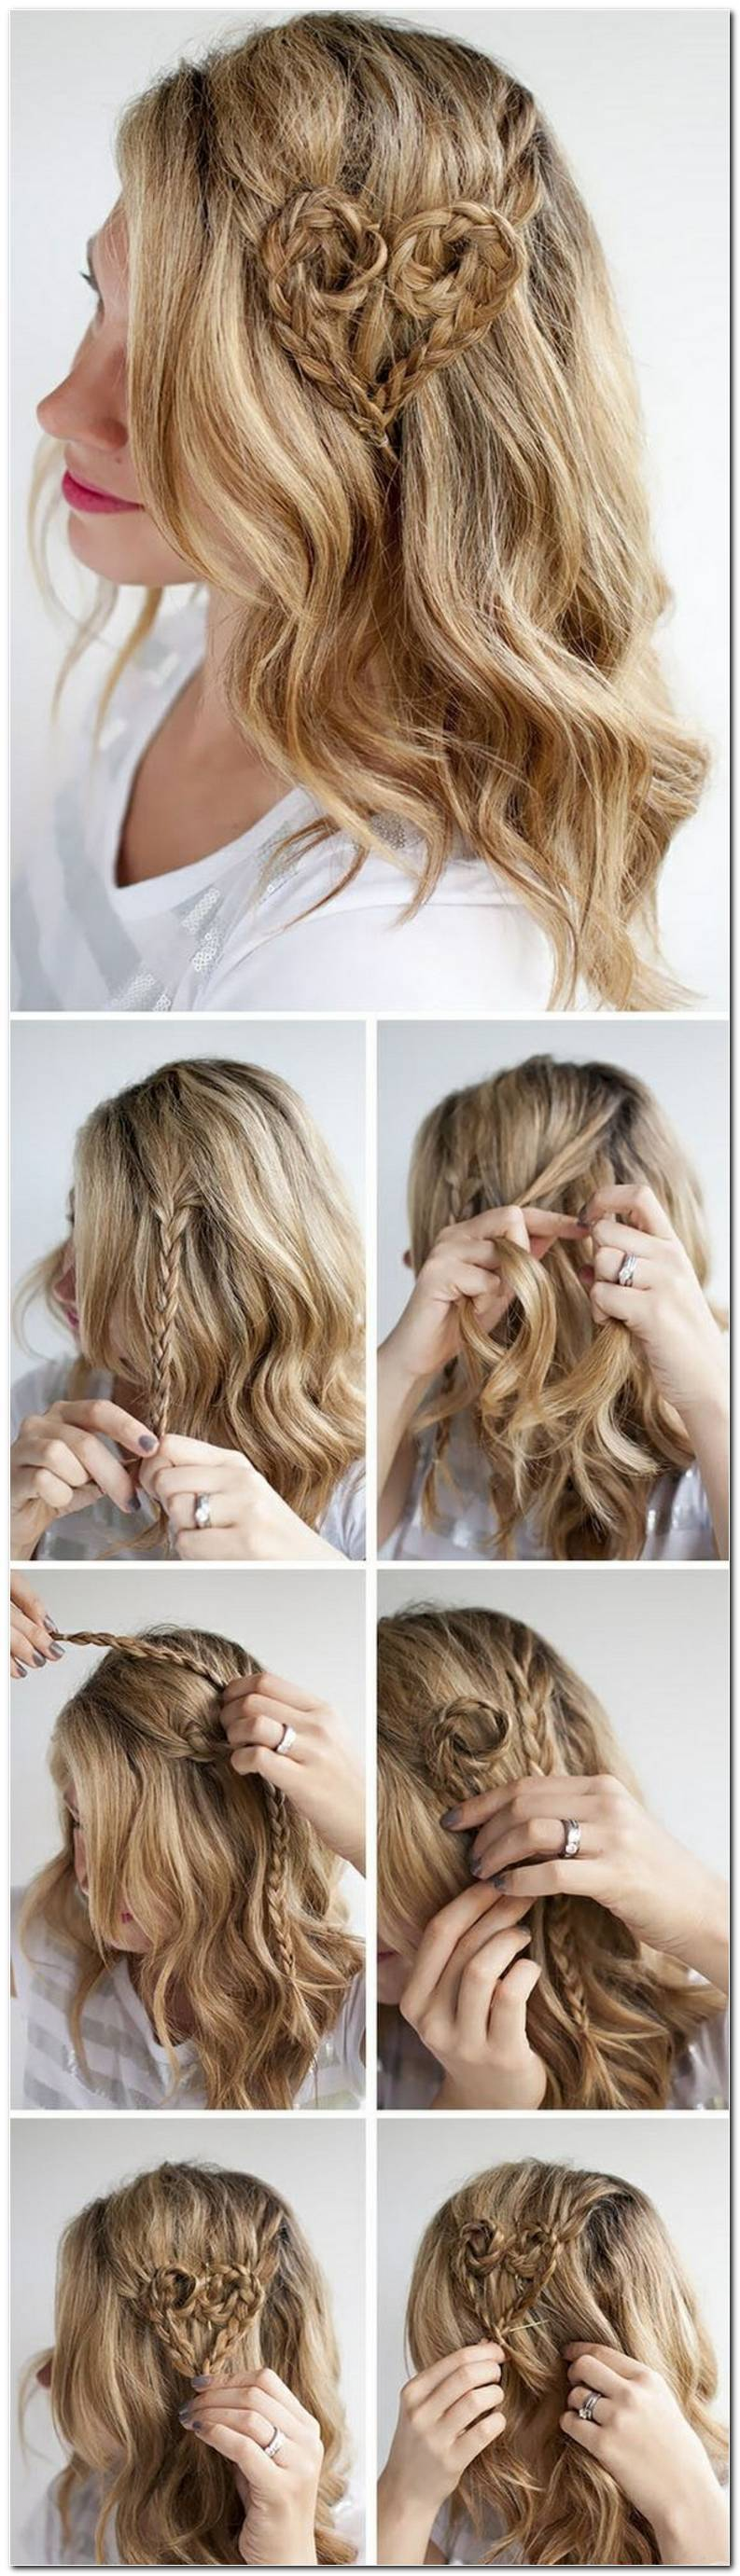 Frisuren Flechten Selber Machen